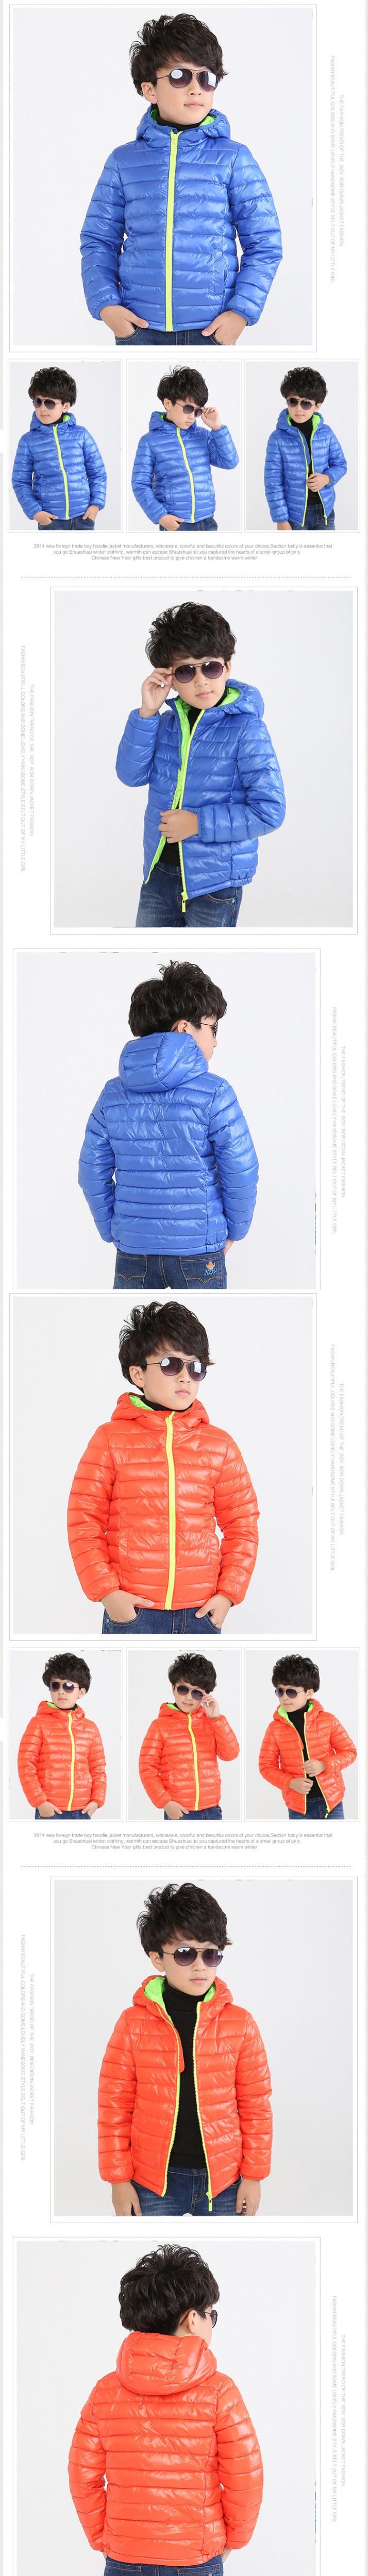 children winter jackets-3